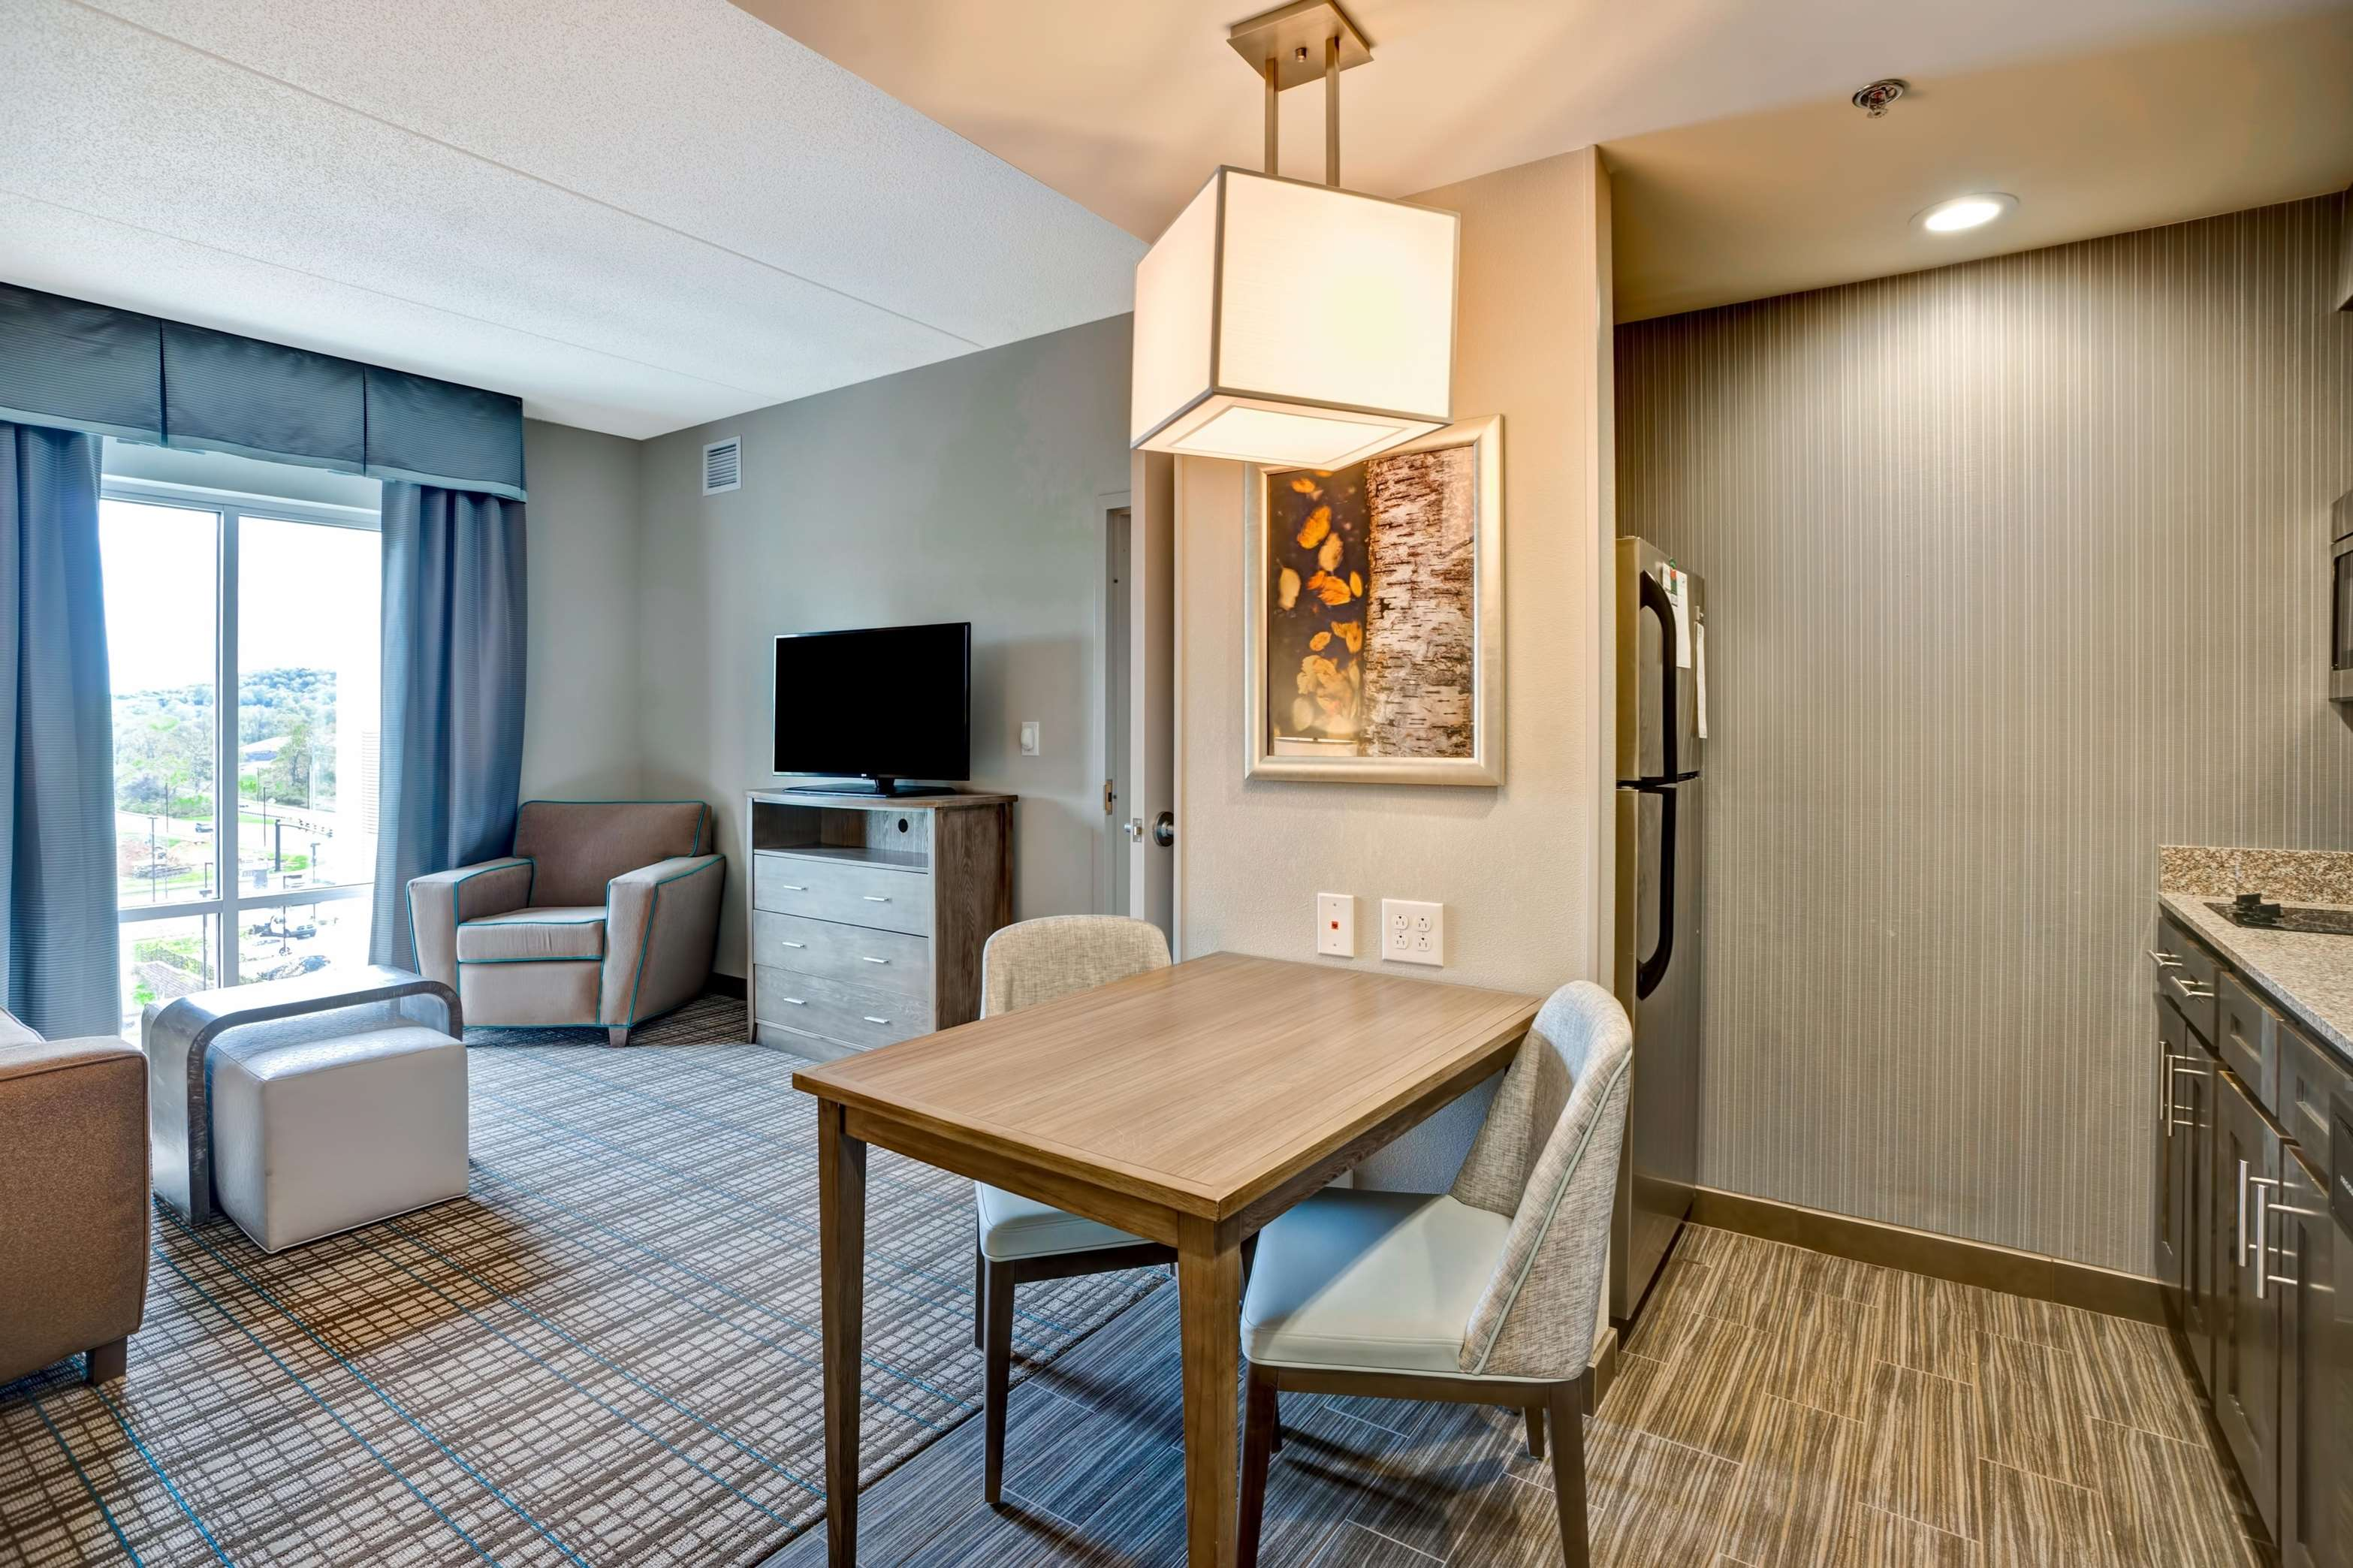 Homewood Suites by Hilton Nashville Franklin Cool Springs image 36